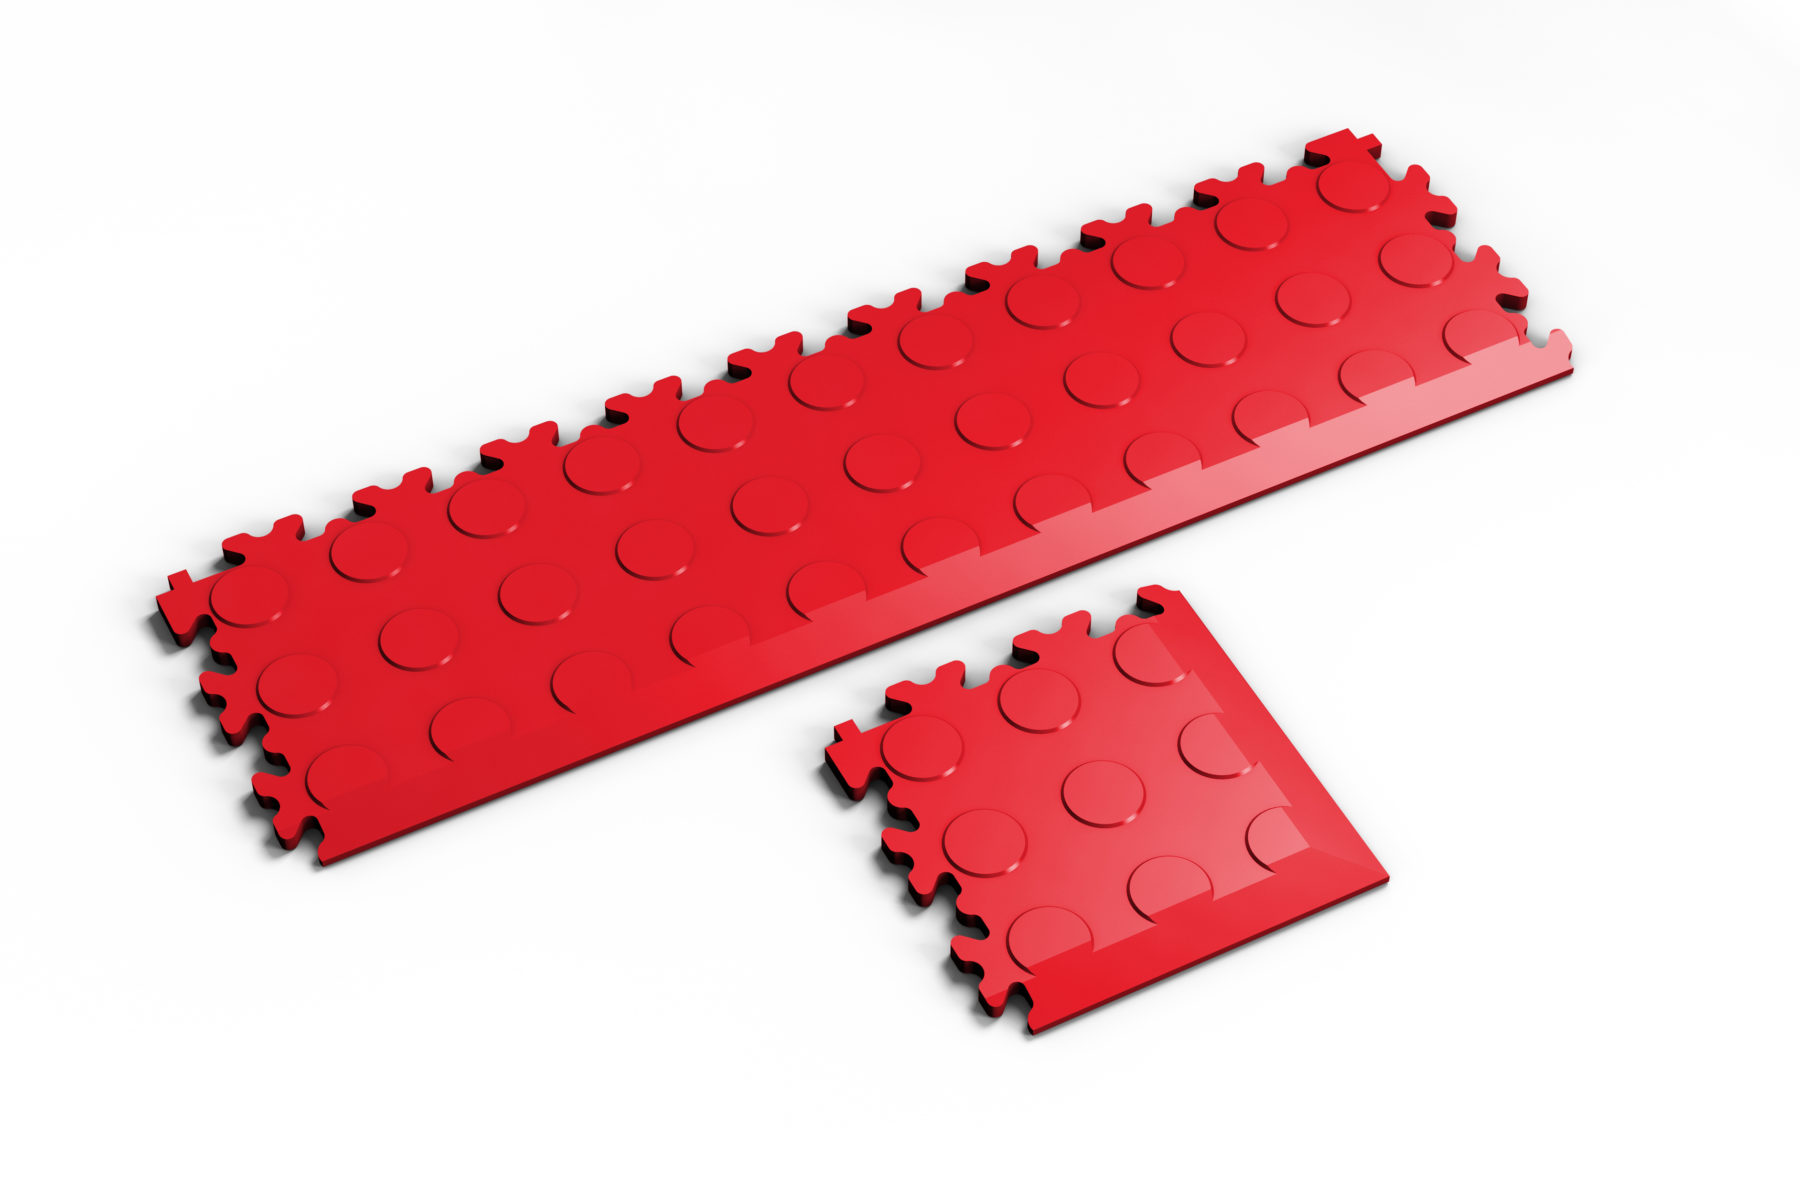 pvc-fliese-boden-platte-jp-mechanic-rampe-ecke-rosso-rot-genoppt-industrie-mechanik